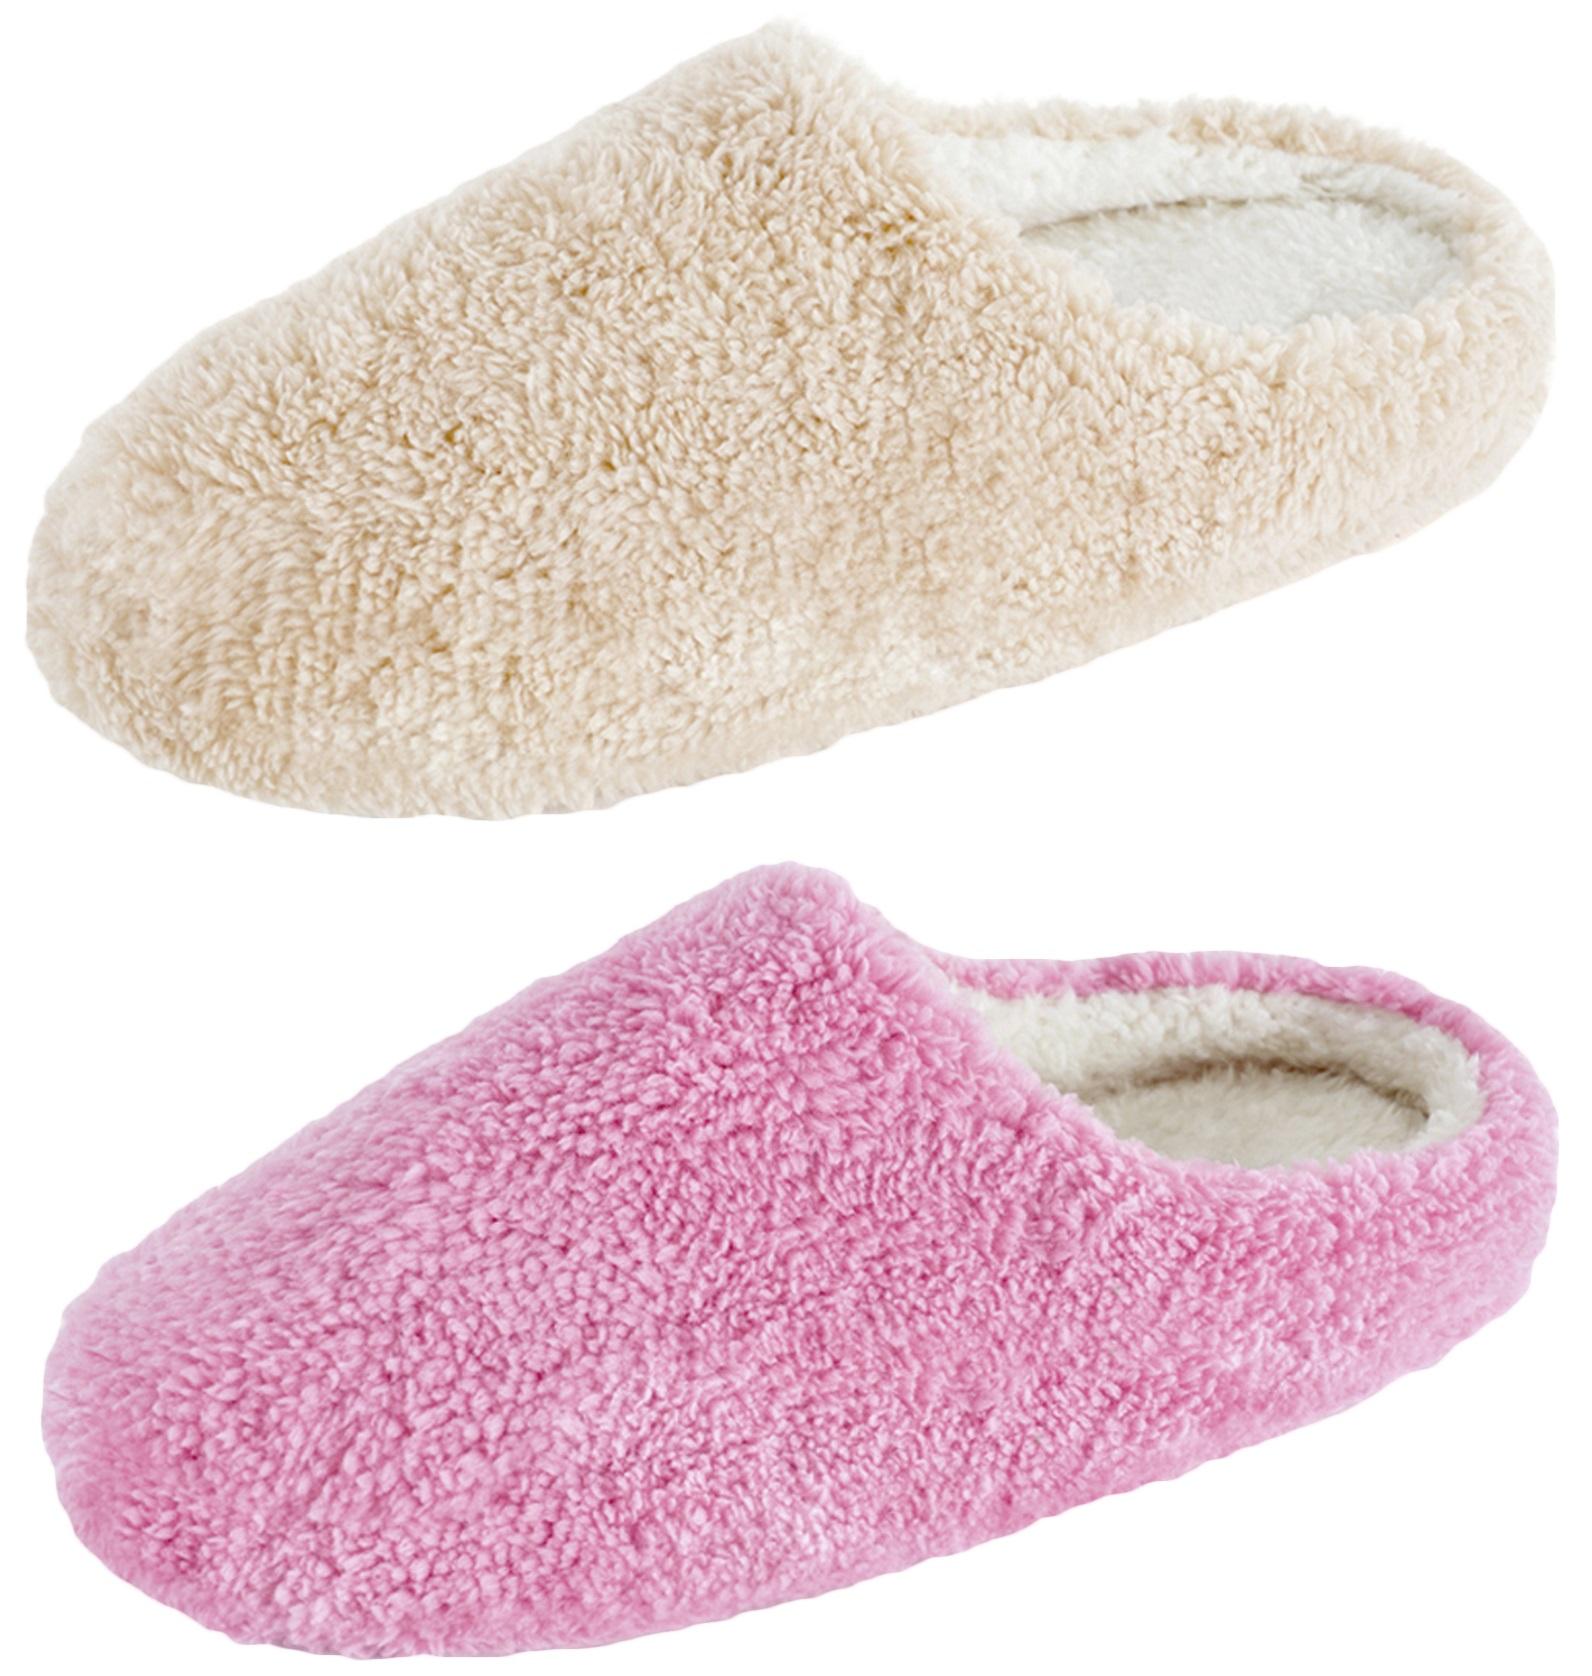 Luxury Womens Memory Foam Slippers Sherpa Fleece Lined Mules